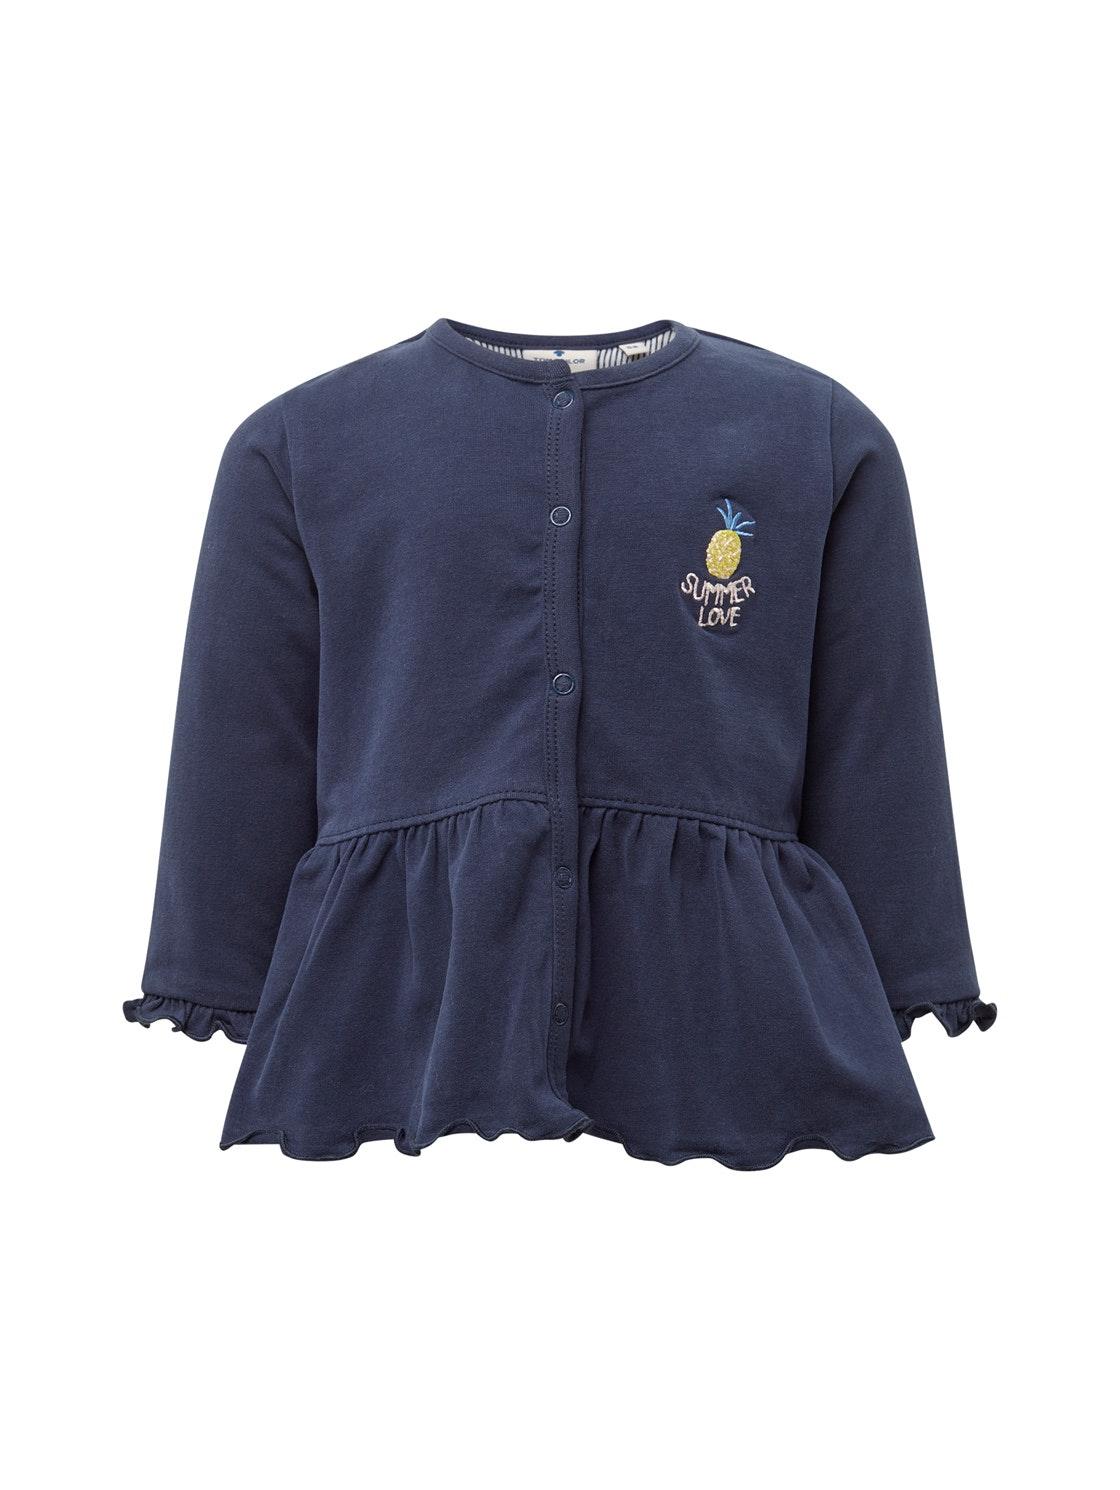 sweatjacket solid, black iris-blue